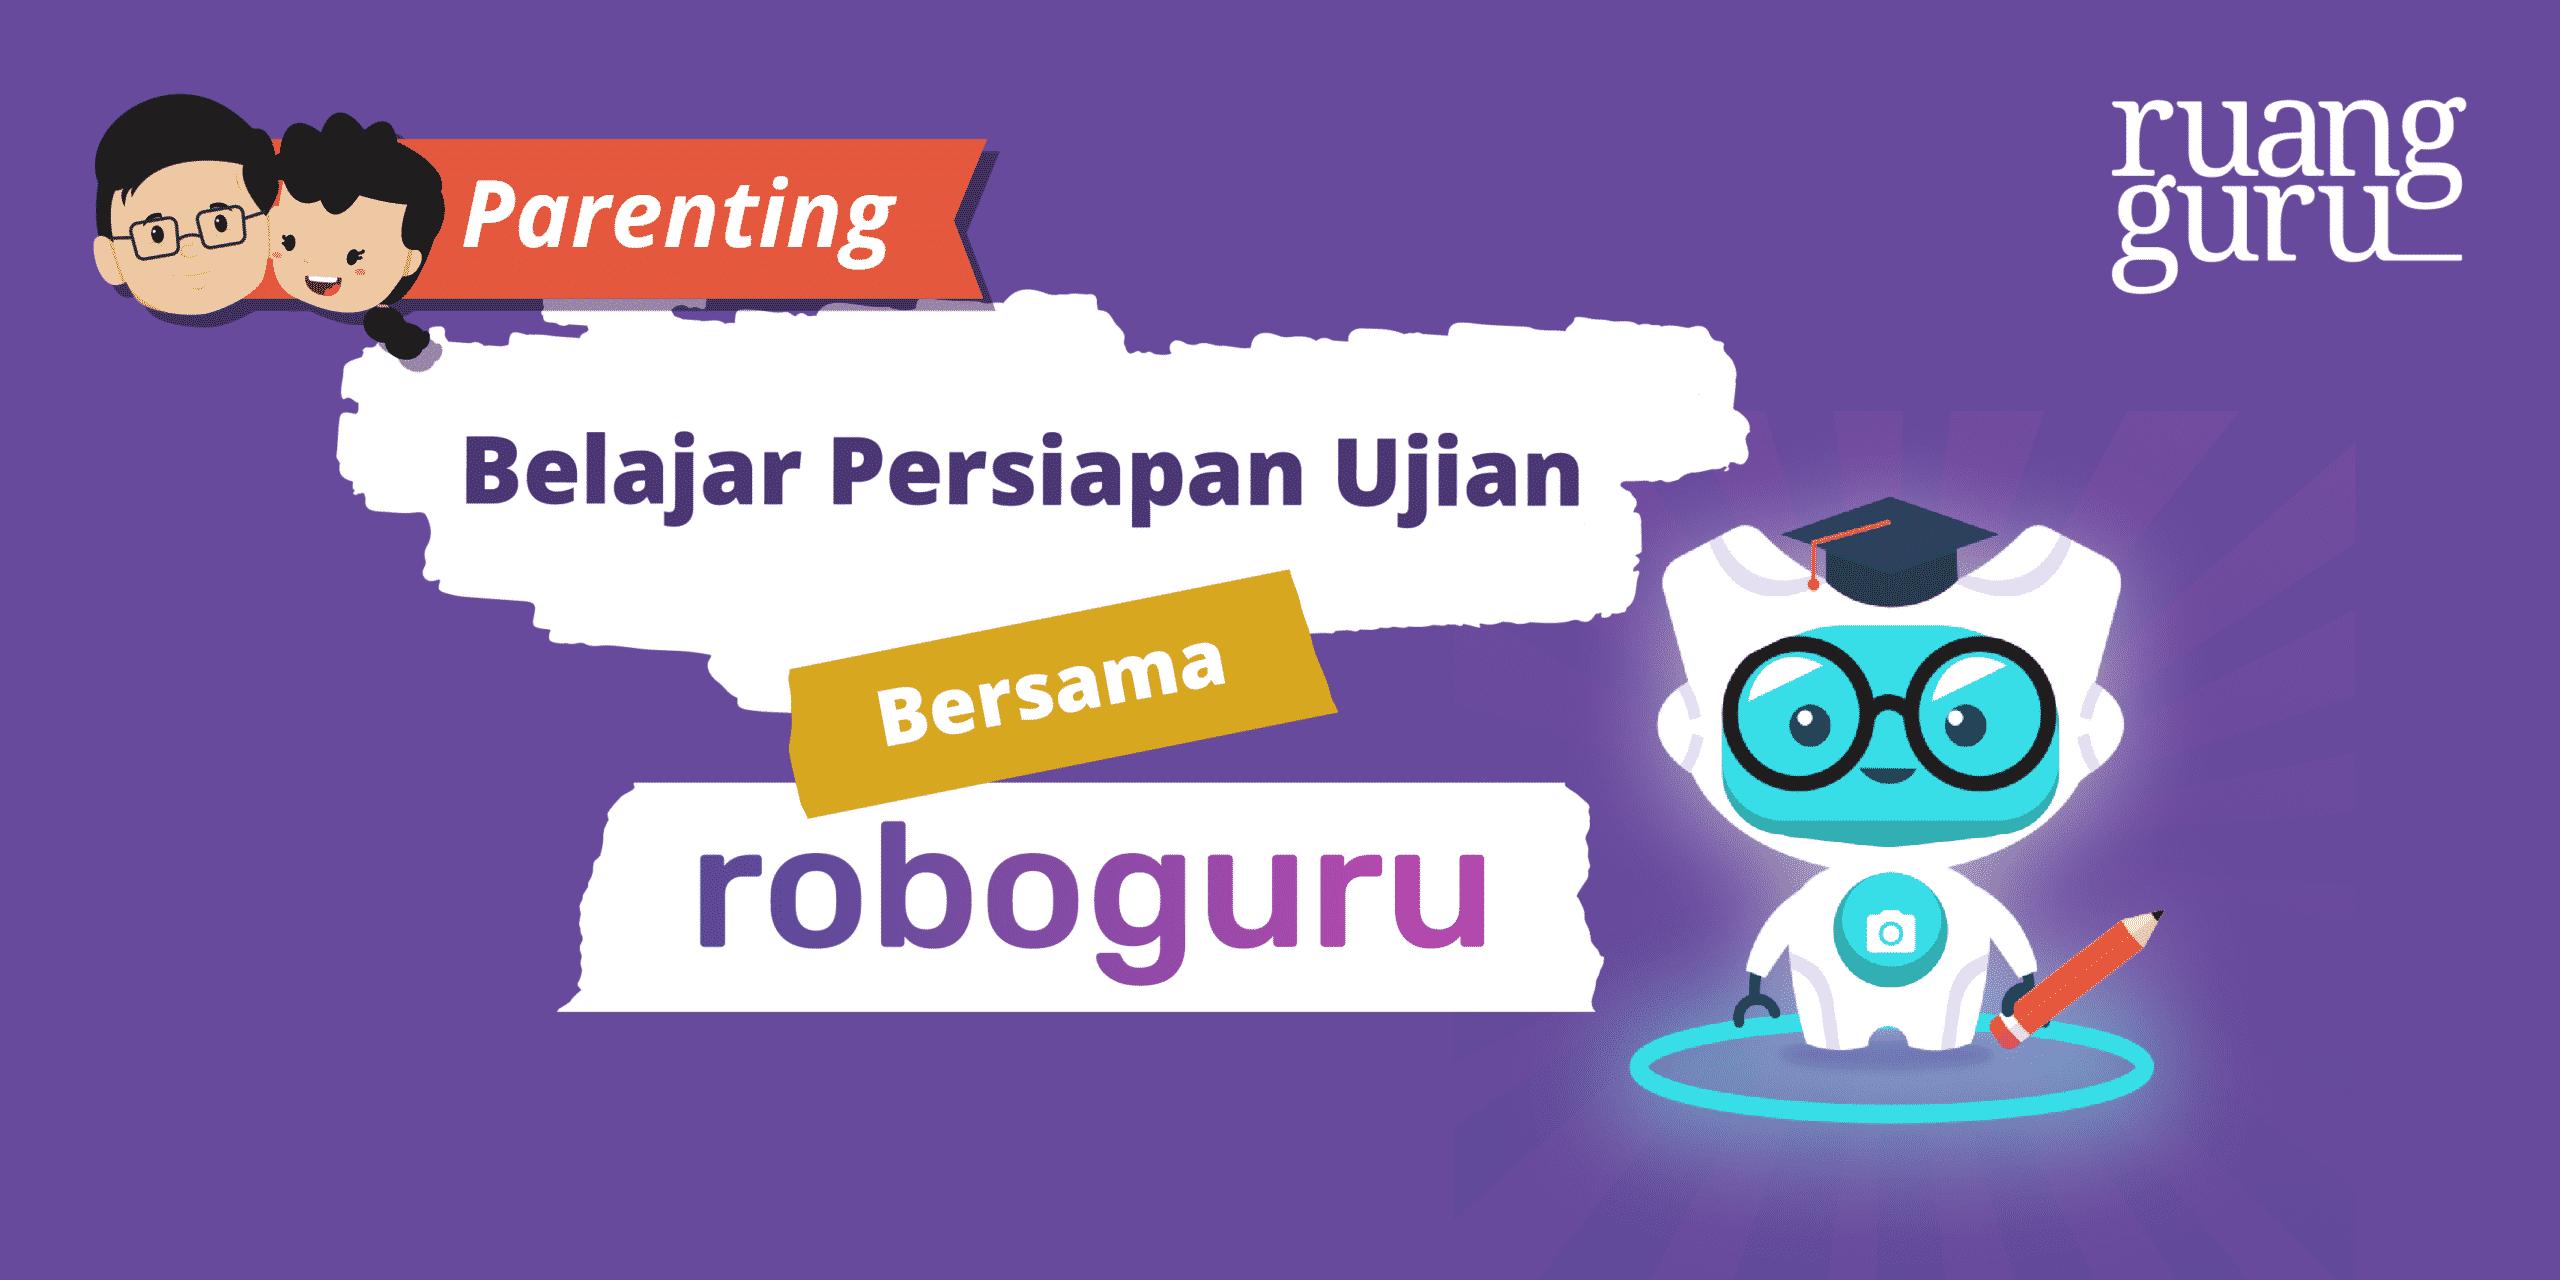 Roboguru